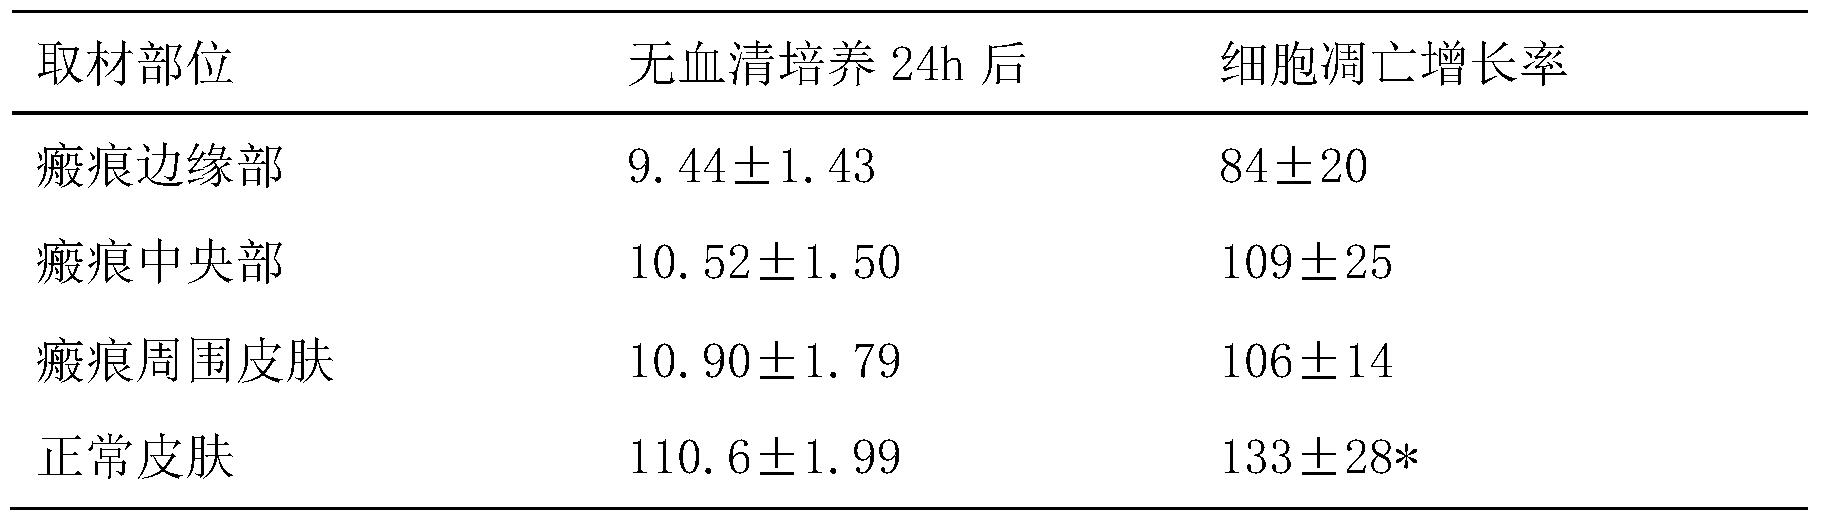 Figure PCTCN2014091047-appb-000001